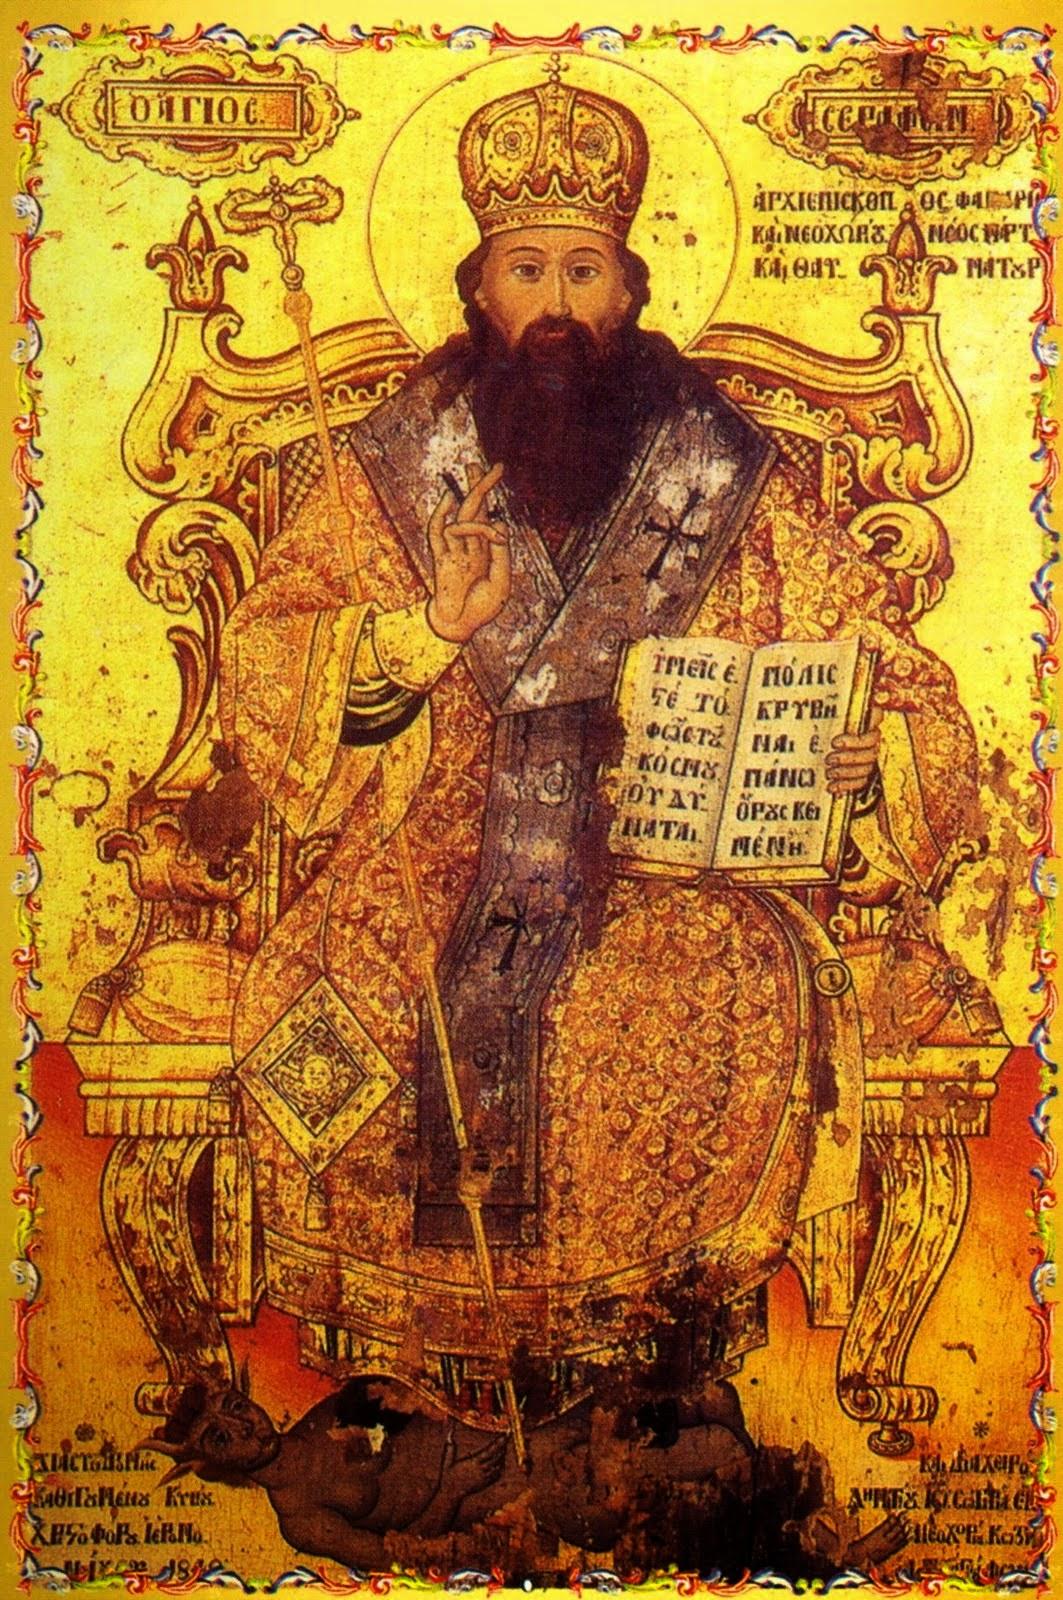 Άγιος Σεραφείμ επίσκοπος Φαναρίου